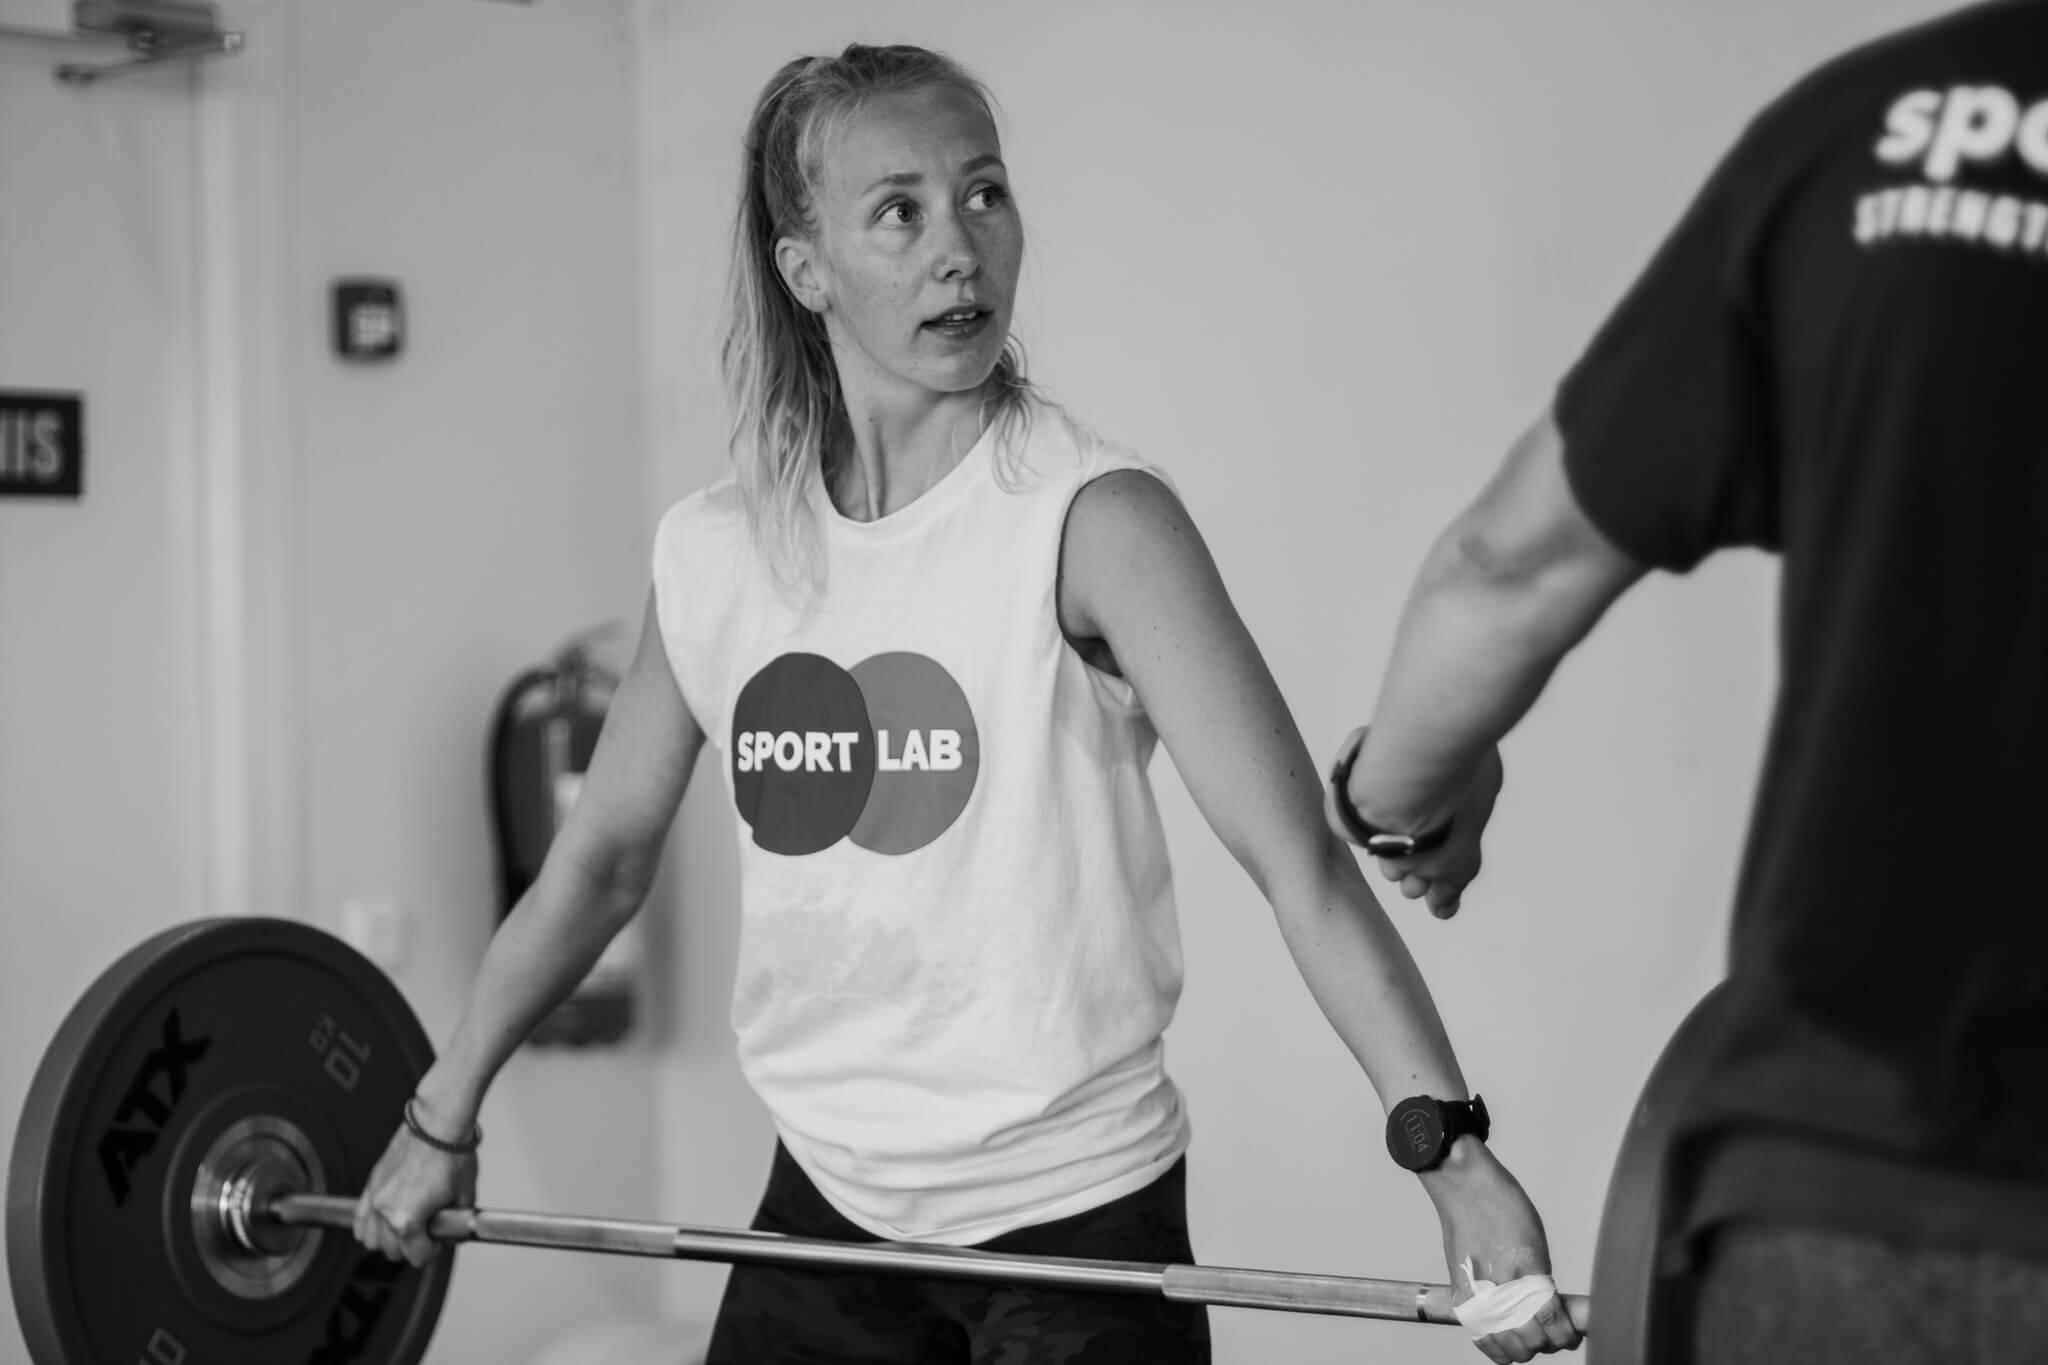 Emilia_Soini_Sport_Lab_squash